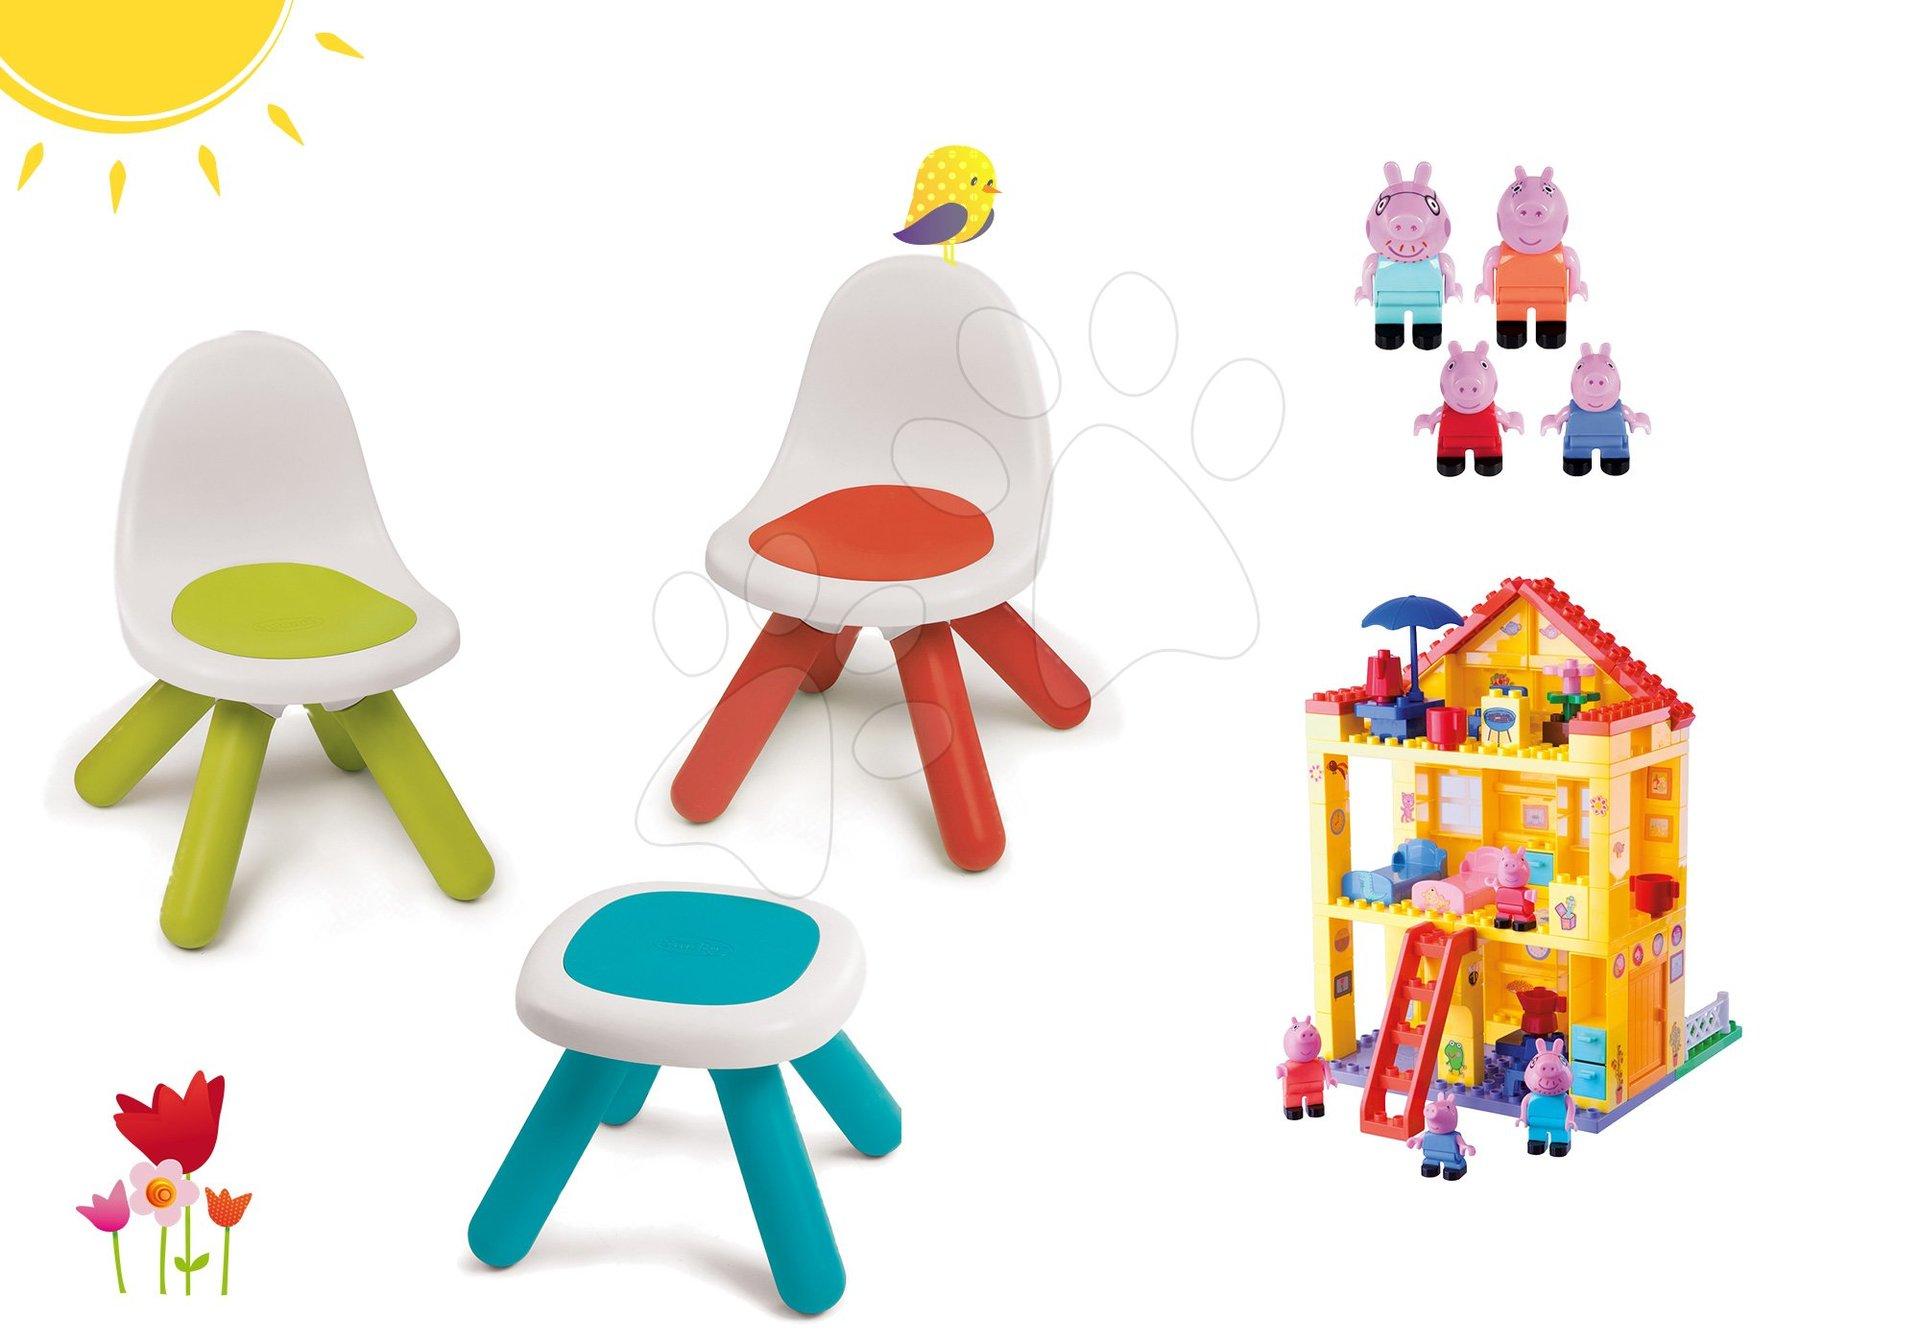 Dětský záhradní nábytek sety - Set stůl Kidstool Smoby a 2 židle KidChair, stavebnice Peppa Pig v domečku od 24 měsíců